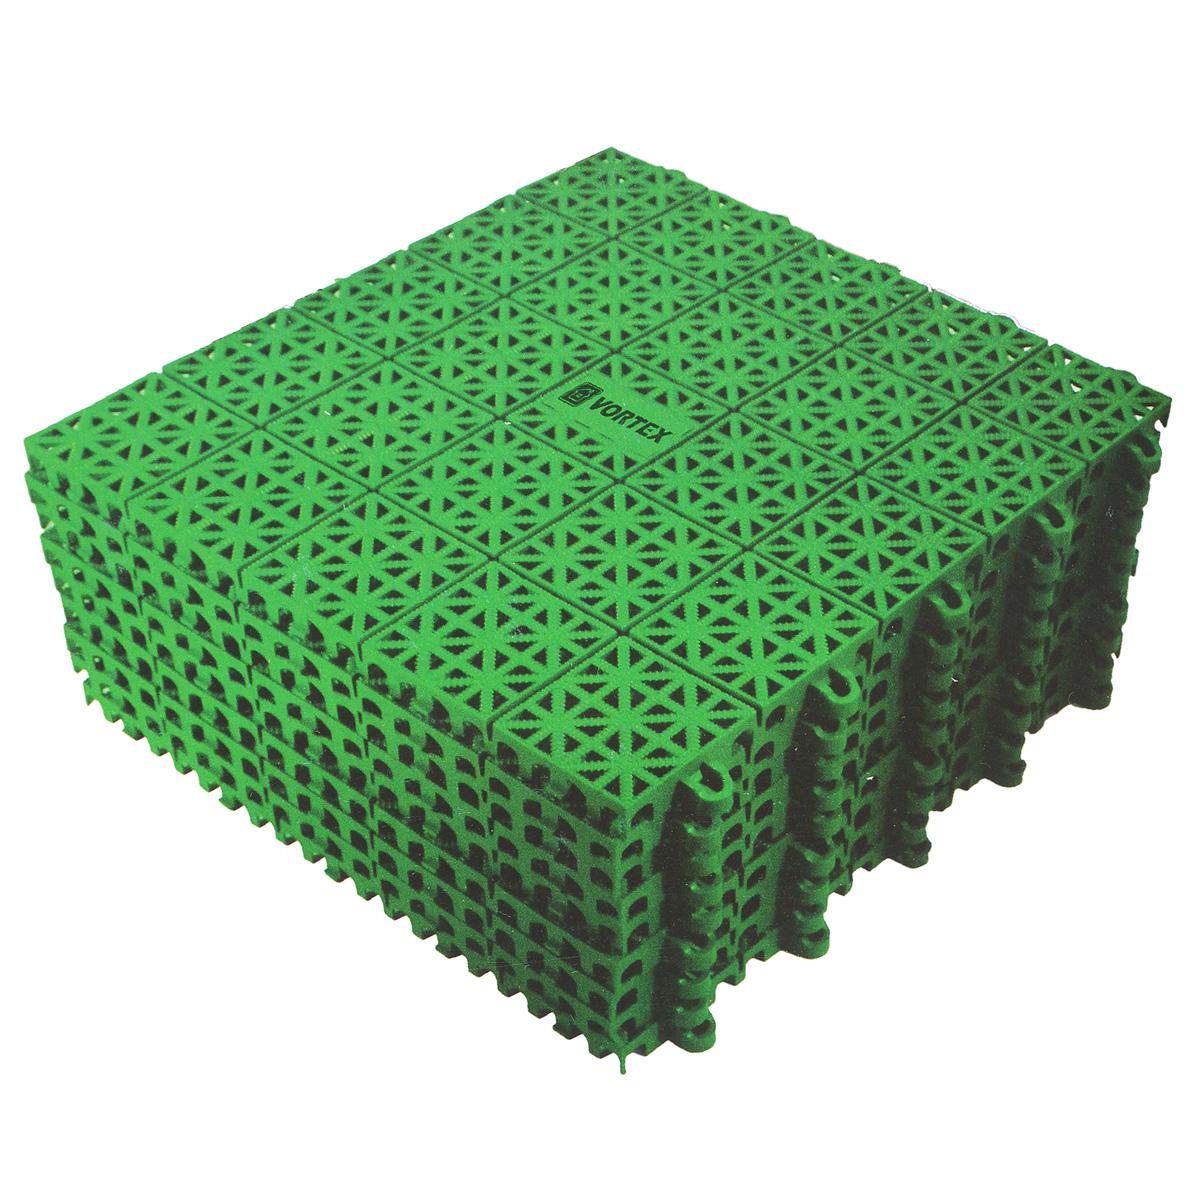 Покрытие Vortex, пластиковое, универсальное, цвет: зеленый, 9 шт09840-20.000.00Универсальное покрытие, выполненное из полипропилена зеленого цвета, устанавливается и удаляется без применения инструментов. Оно укладывается на любую ровную поверхность, допускается ее изношенность и наличие мелких дефектов. Покрытие можно использовать внутри и вне помещений: балкон, мастерская, помещения с повышенной влажностью, ванная комната и душевая, бассейн, каток, кладовая, кемпинг, игровые площадки, складские помещения, торговые площадки, выставки.В помещении уход за покрытием производится с применением пылесоса. Покрытие, установленное вне помещения можно легко промыть водой при помощи шланга.Размер плитки: 33 см х 33 см х 1 см.Размер полученного покрытия: 1 м2